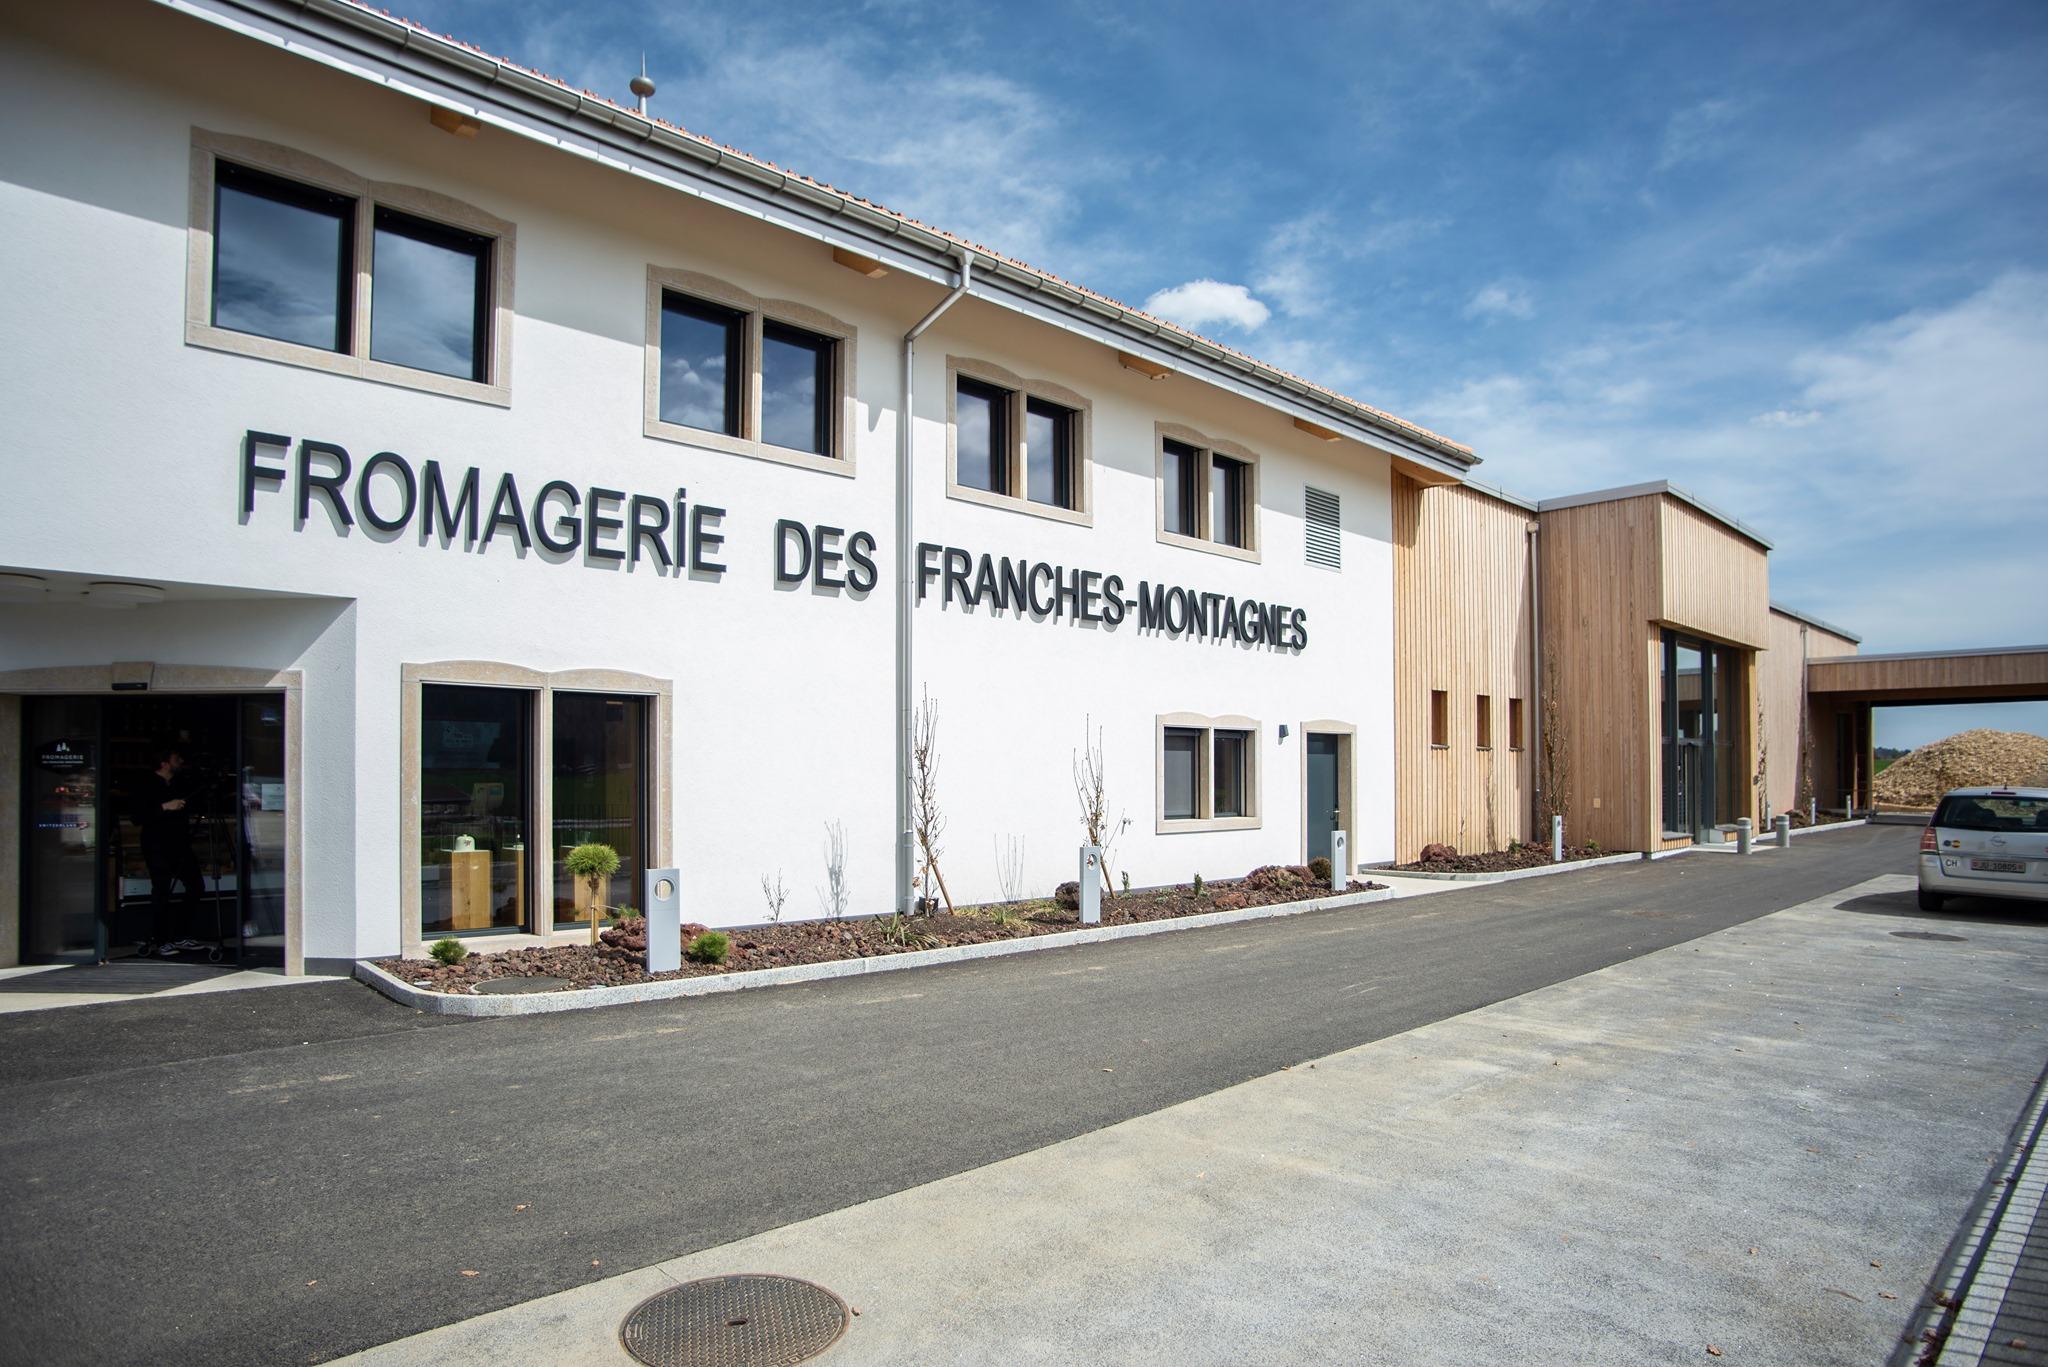 Fromagerie des Franches-Montagnes – Le Noirmont